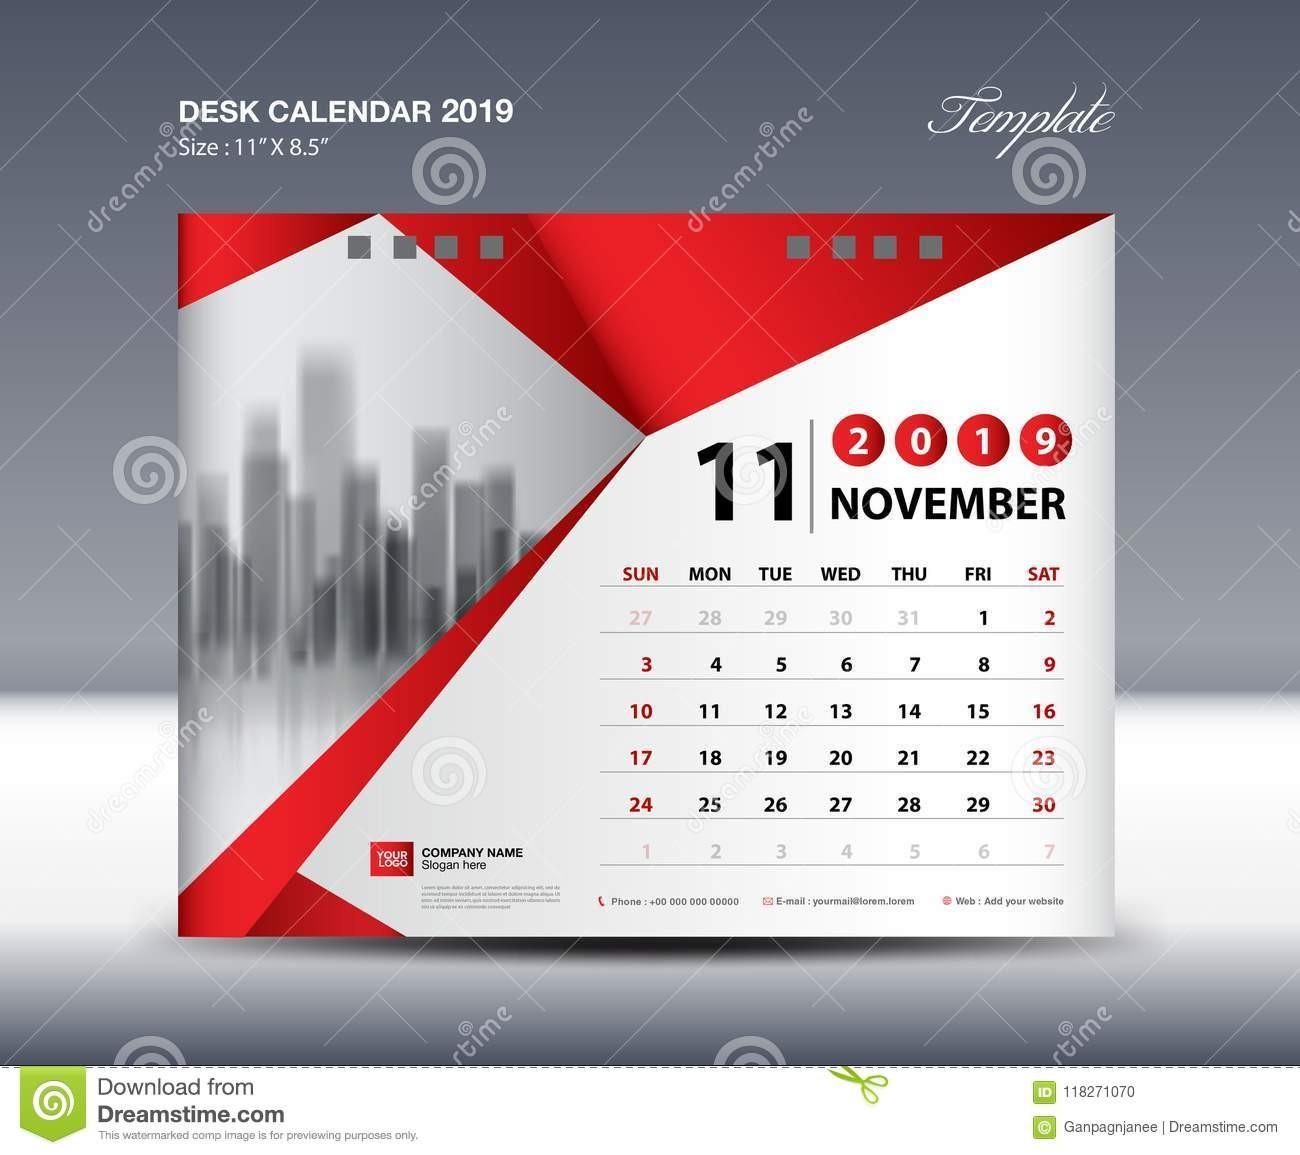 12 month calendar template 2019  NOVEMBER Desk Calendar 2019 Template, Week Starts Sunday ..